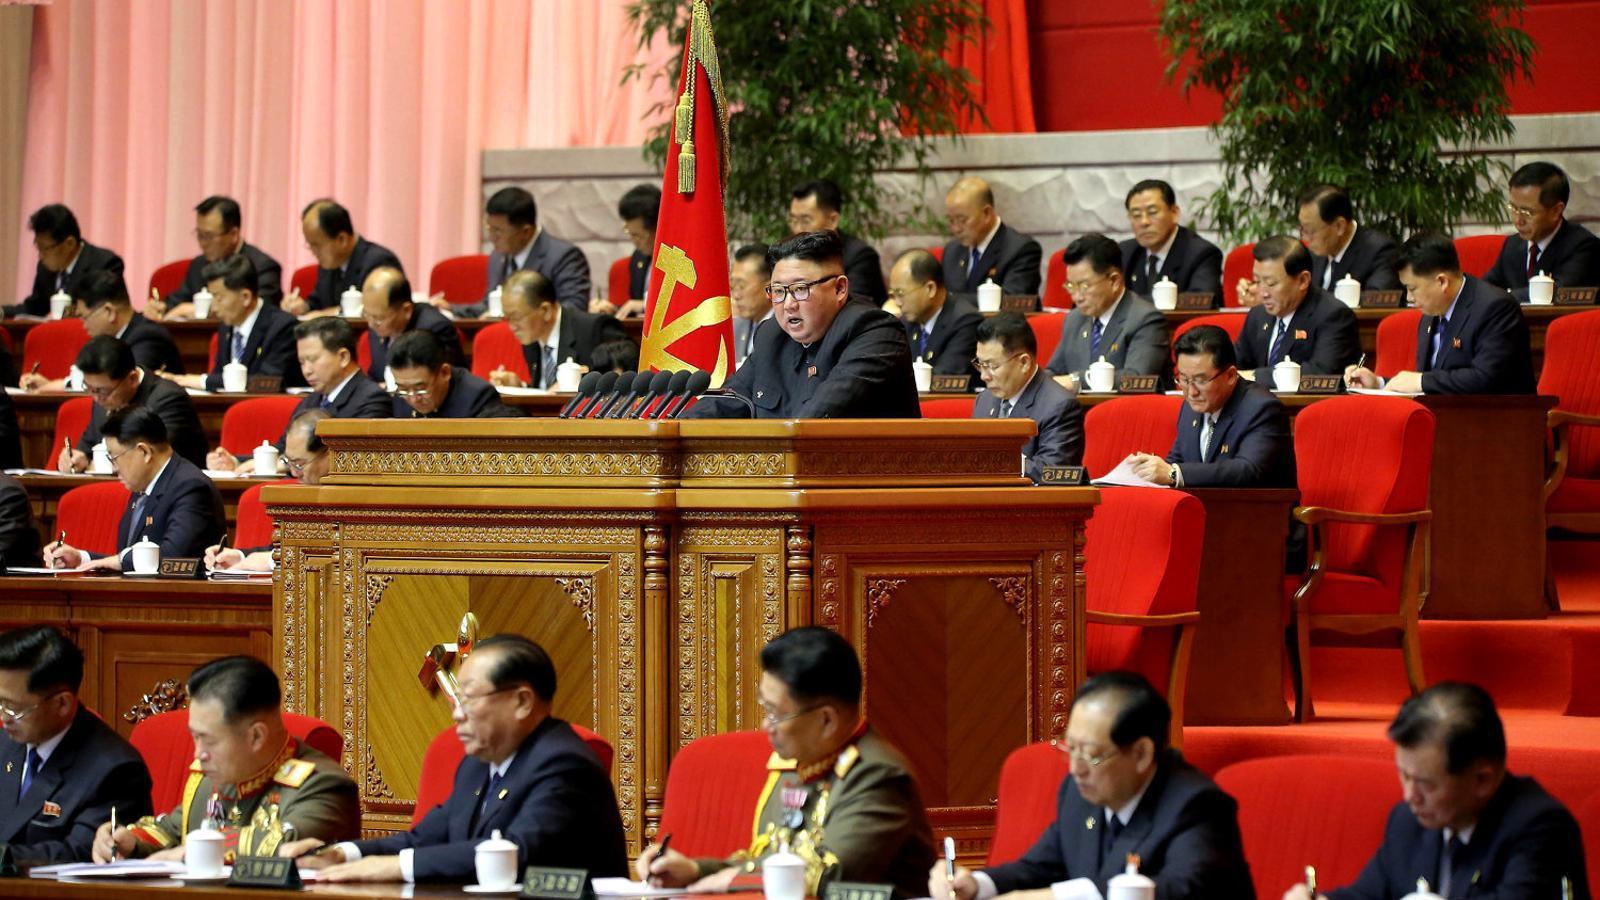 El líder de Corea del Nord, Kim Jong-un, durant el congrés del Partit dels Treballadors divendres, 8 de gener.